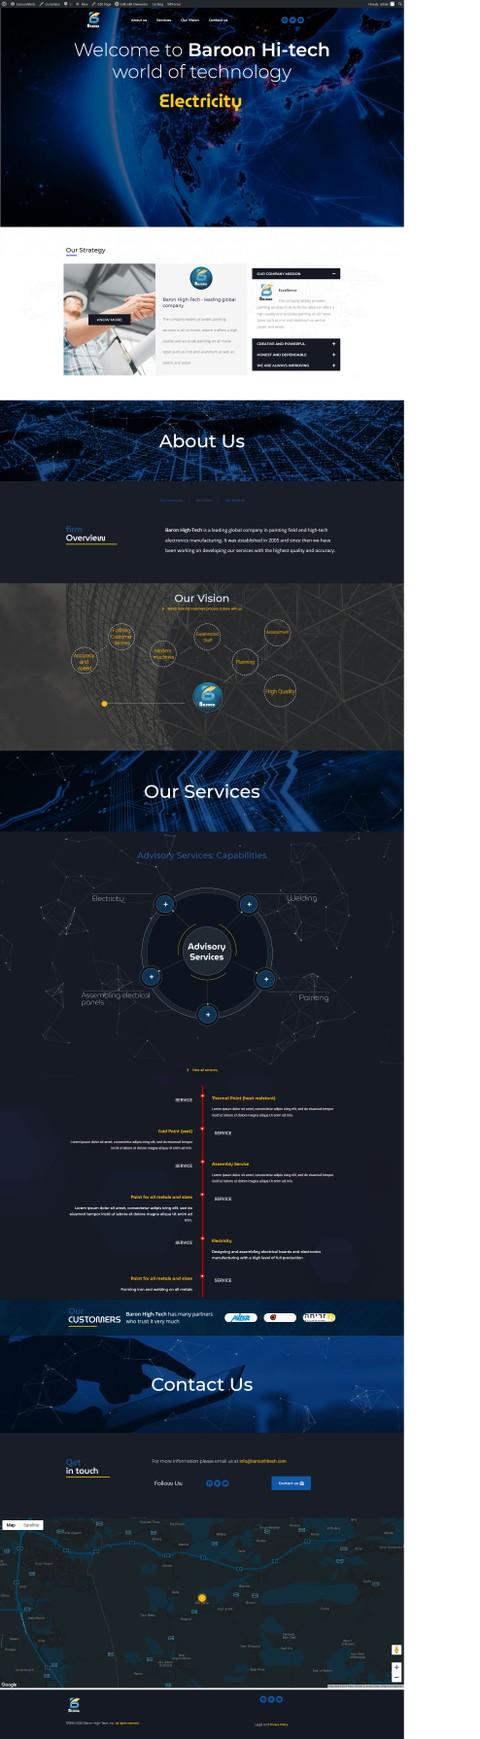 موقع لشركة خدمات كهرباء وتلحيم